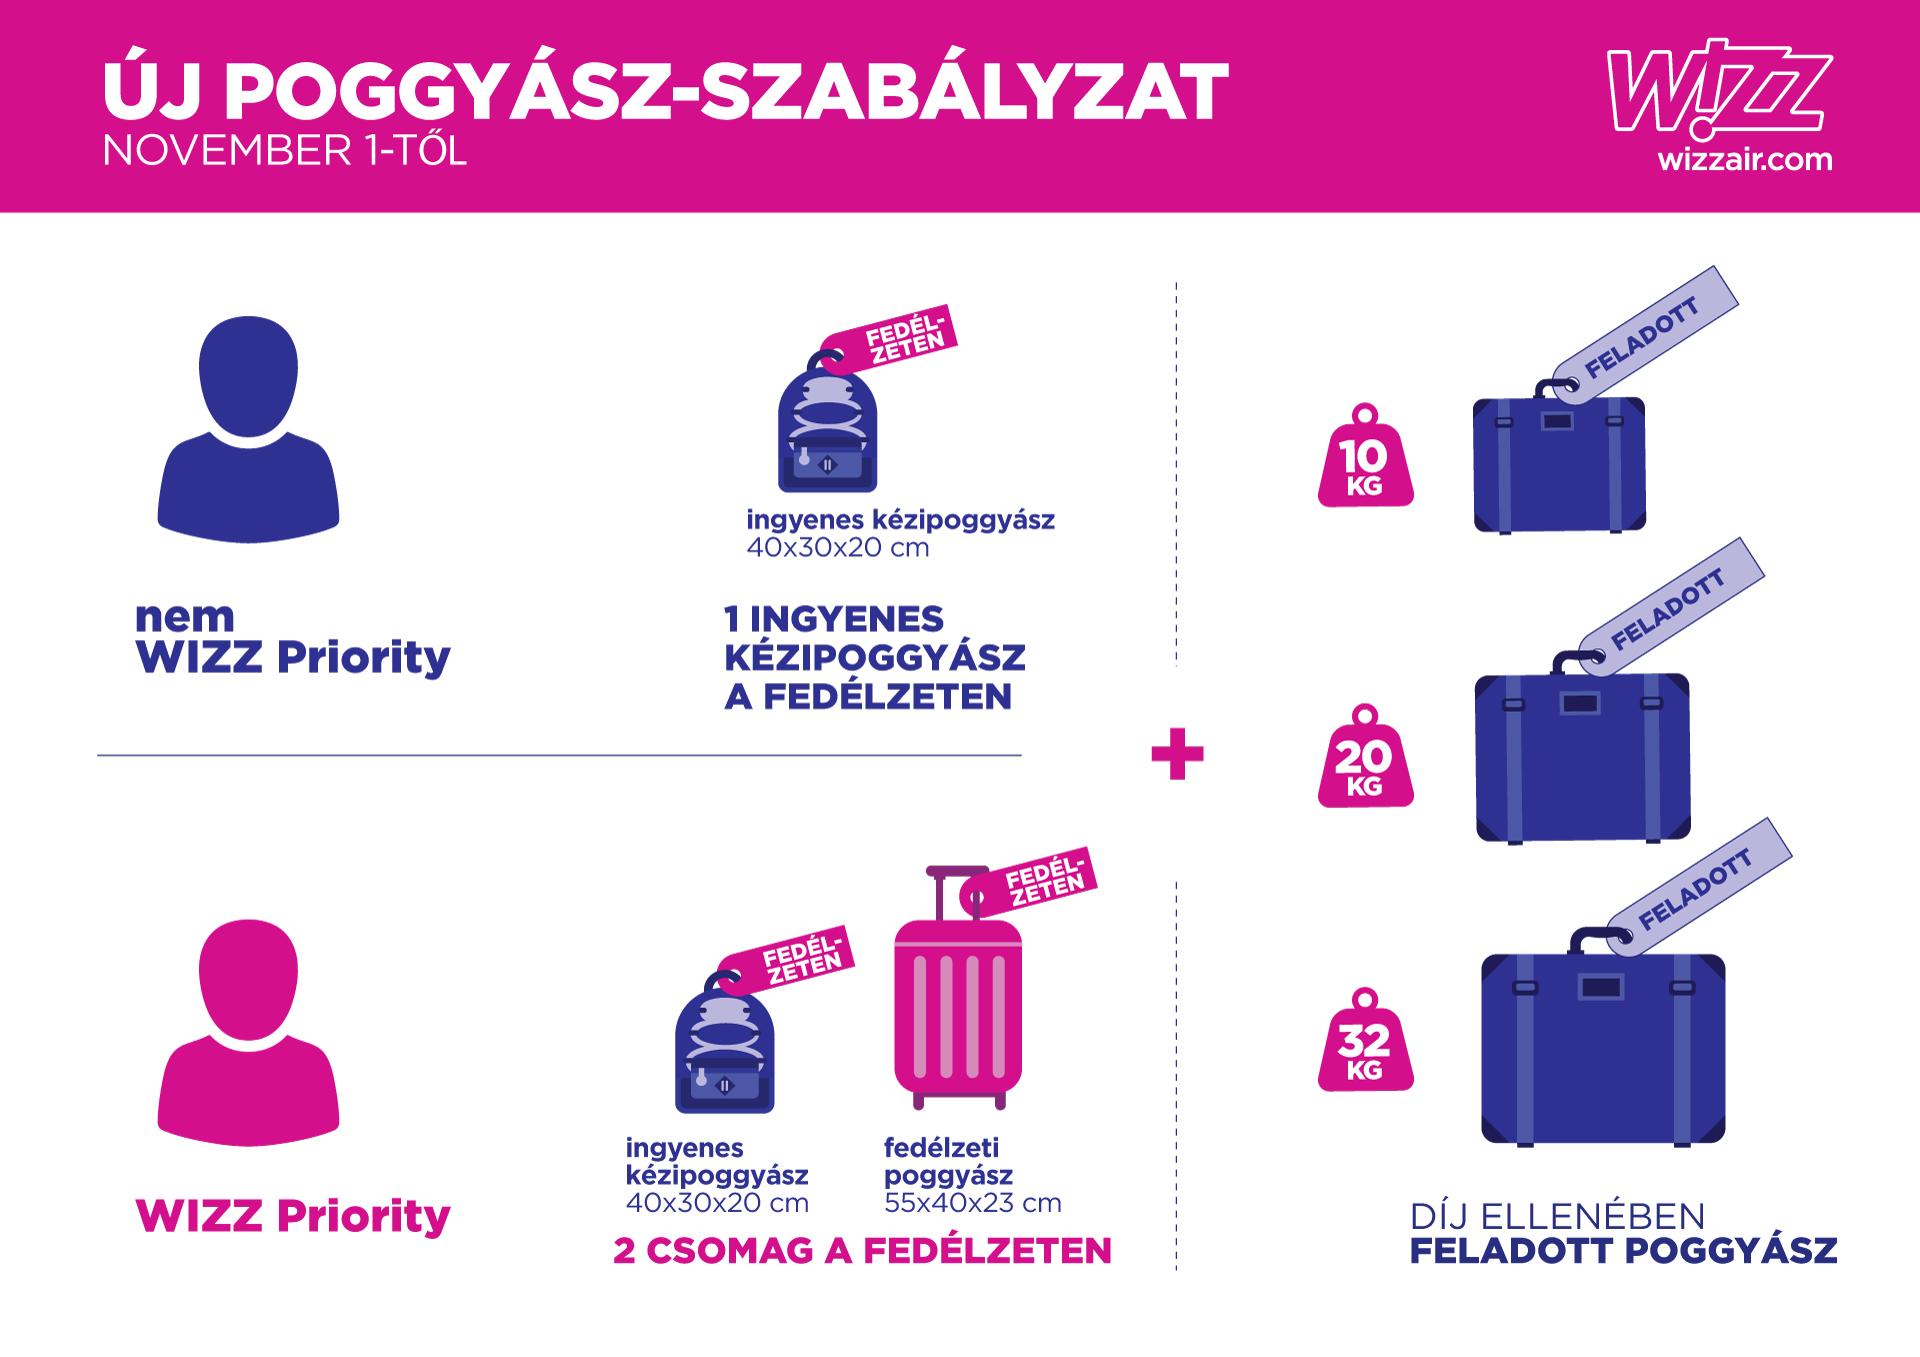 Ingyenes lesz a nagy kézipoggyász a Wizz Airnél